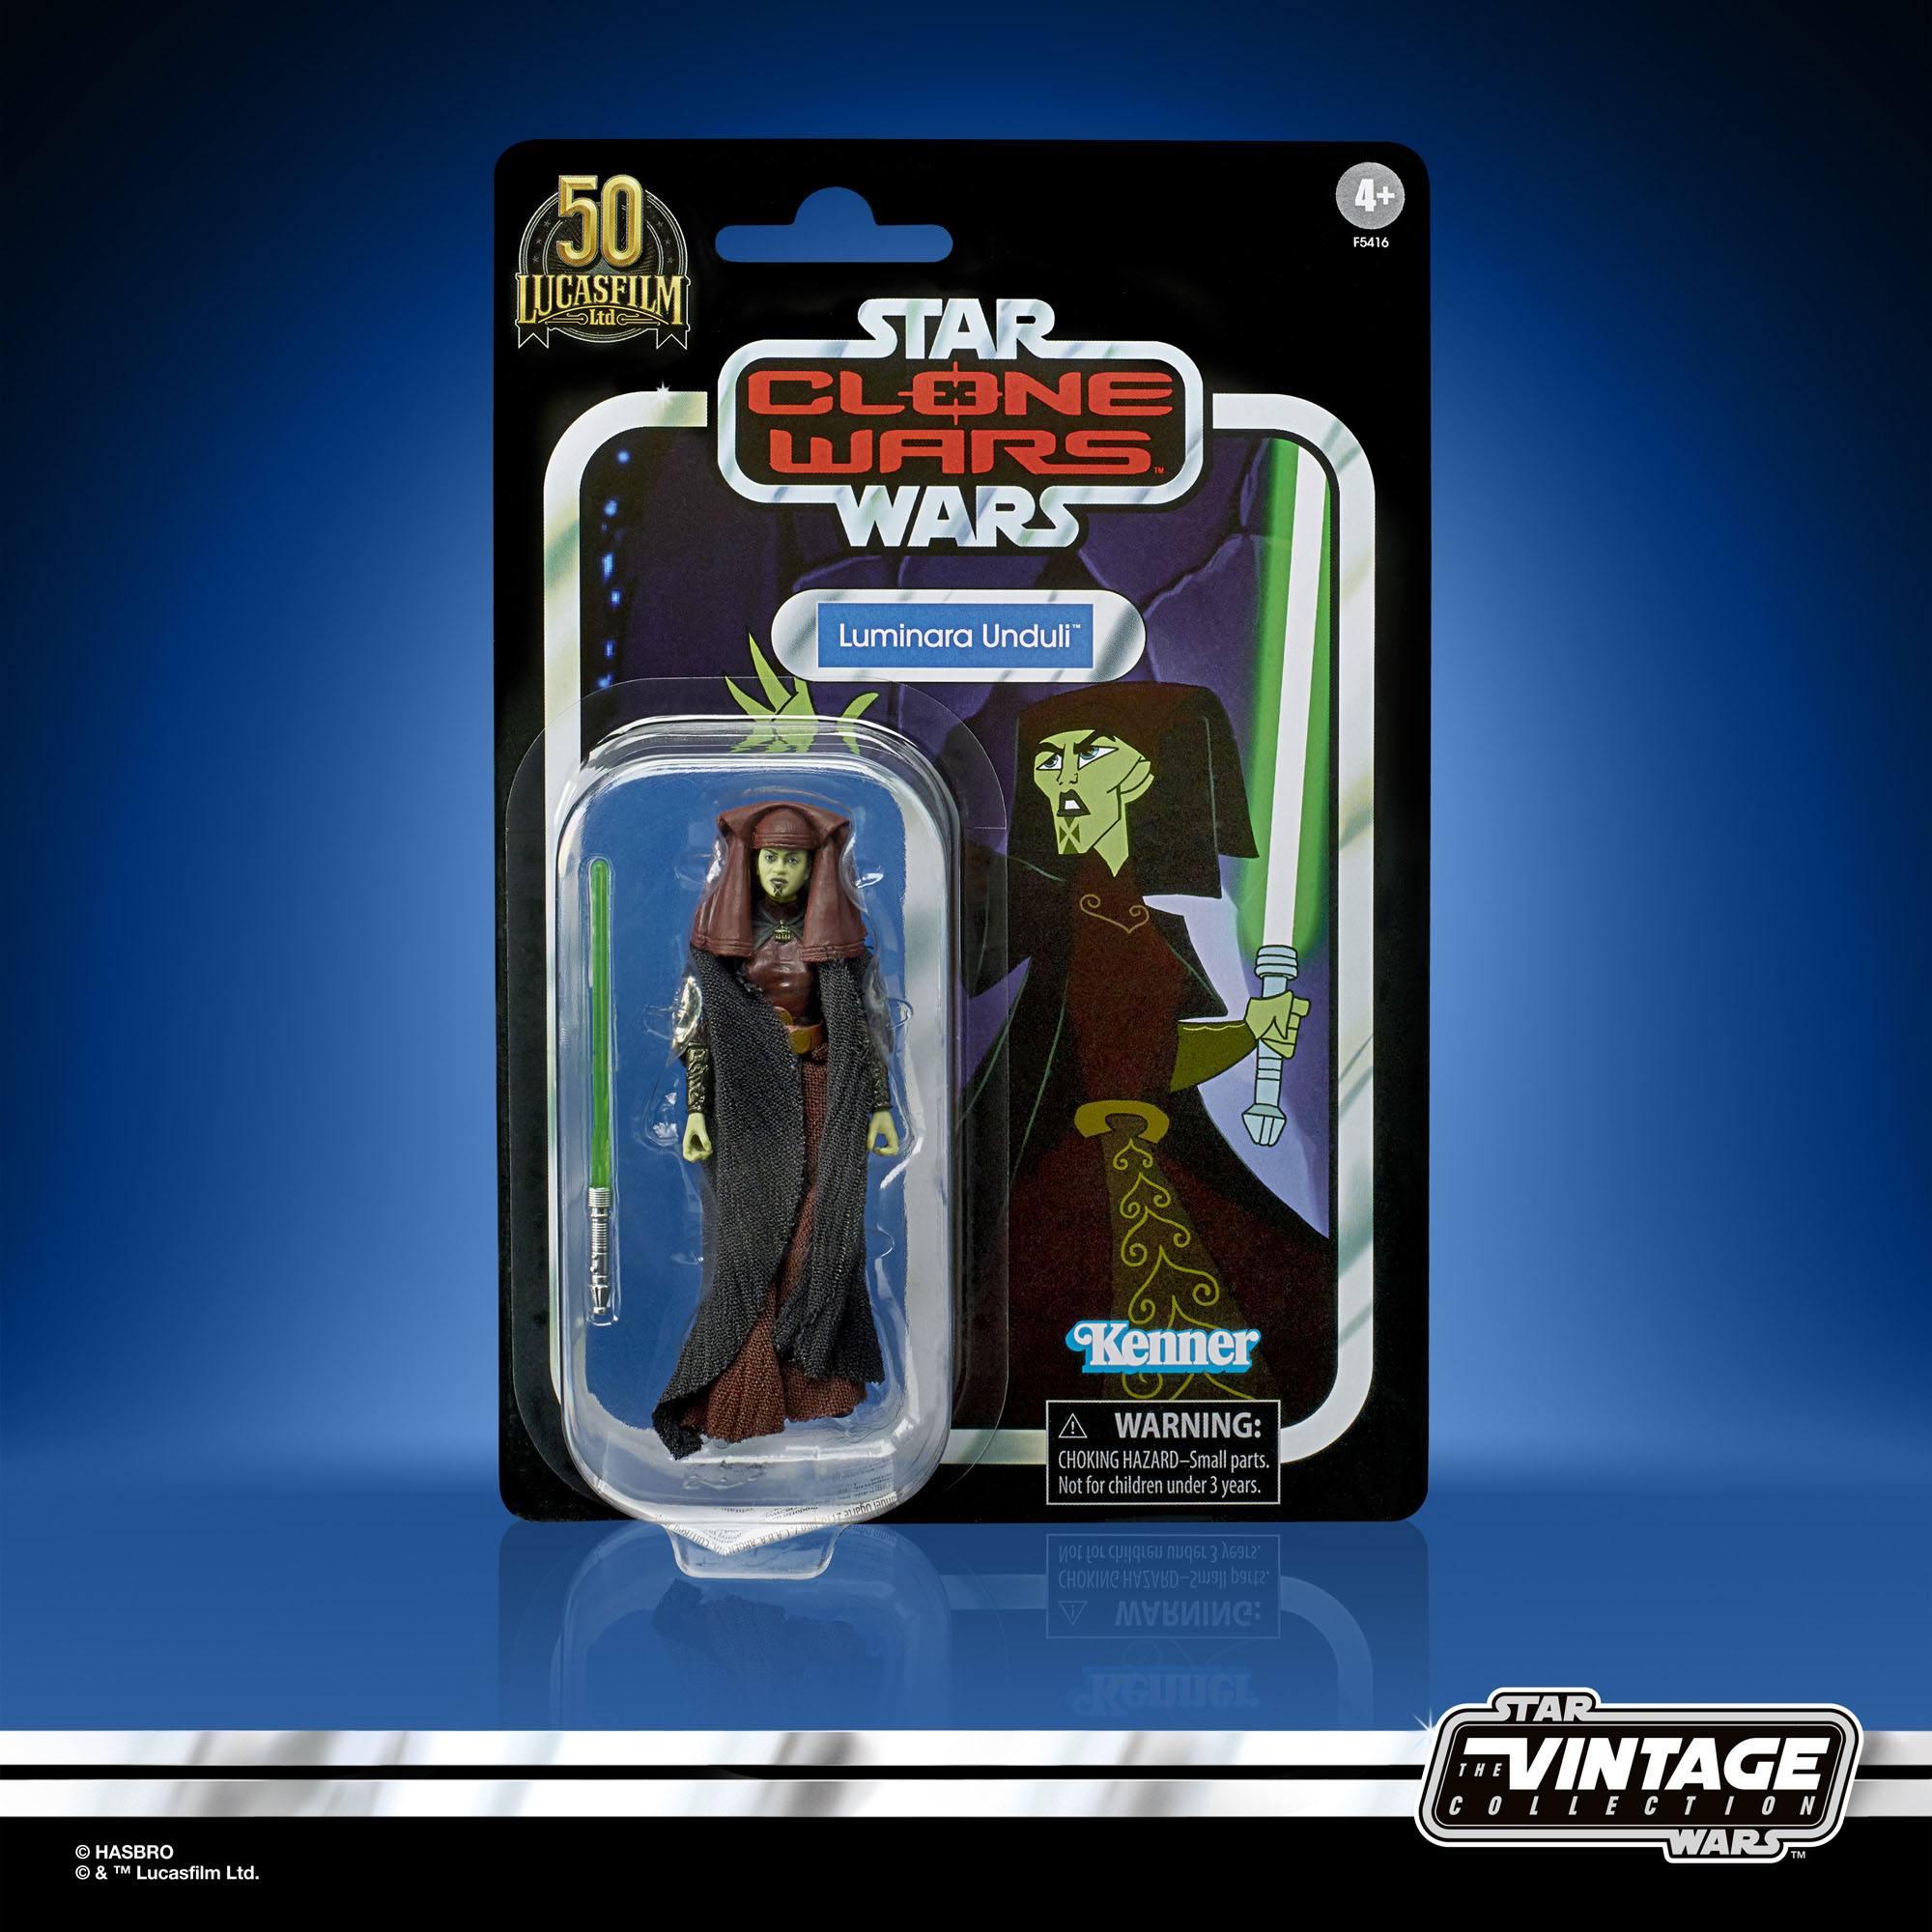 Star Wars The Clone Wars Vintage Collection Actionfigur 2022 Luminara Unduli 10 cm F54165L00